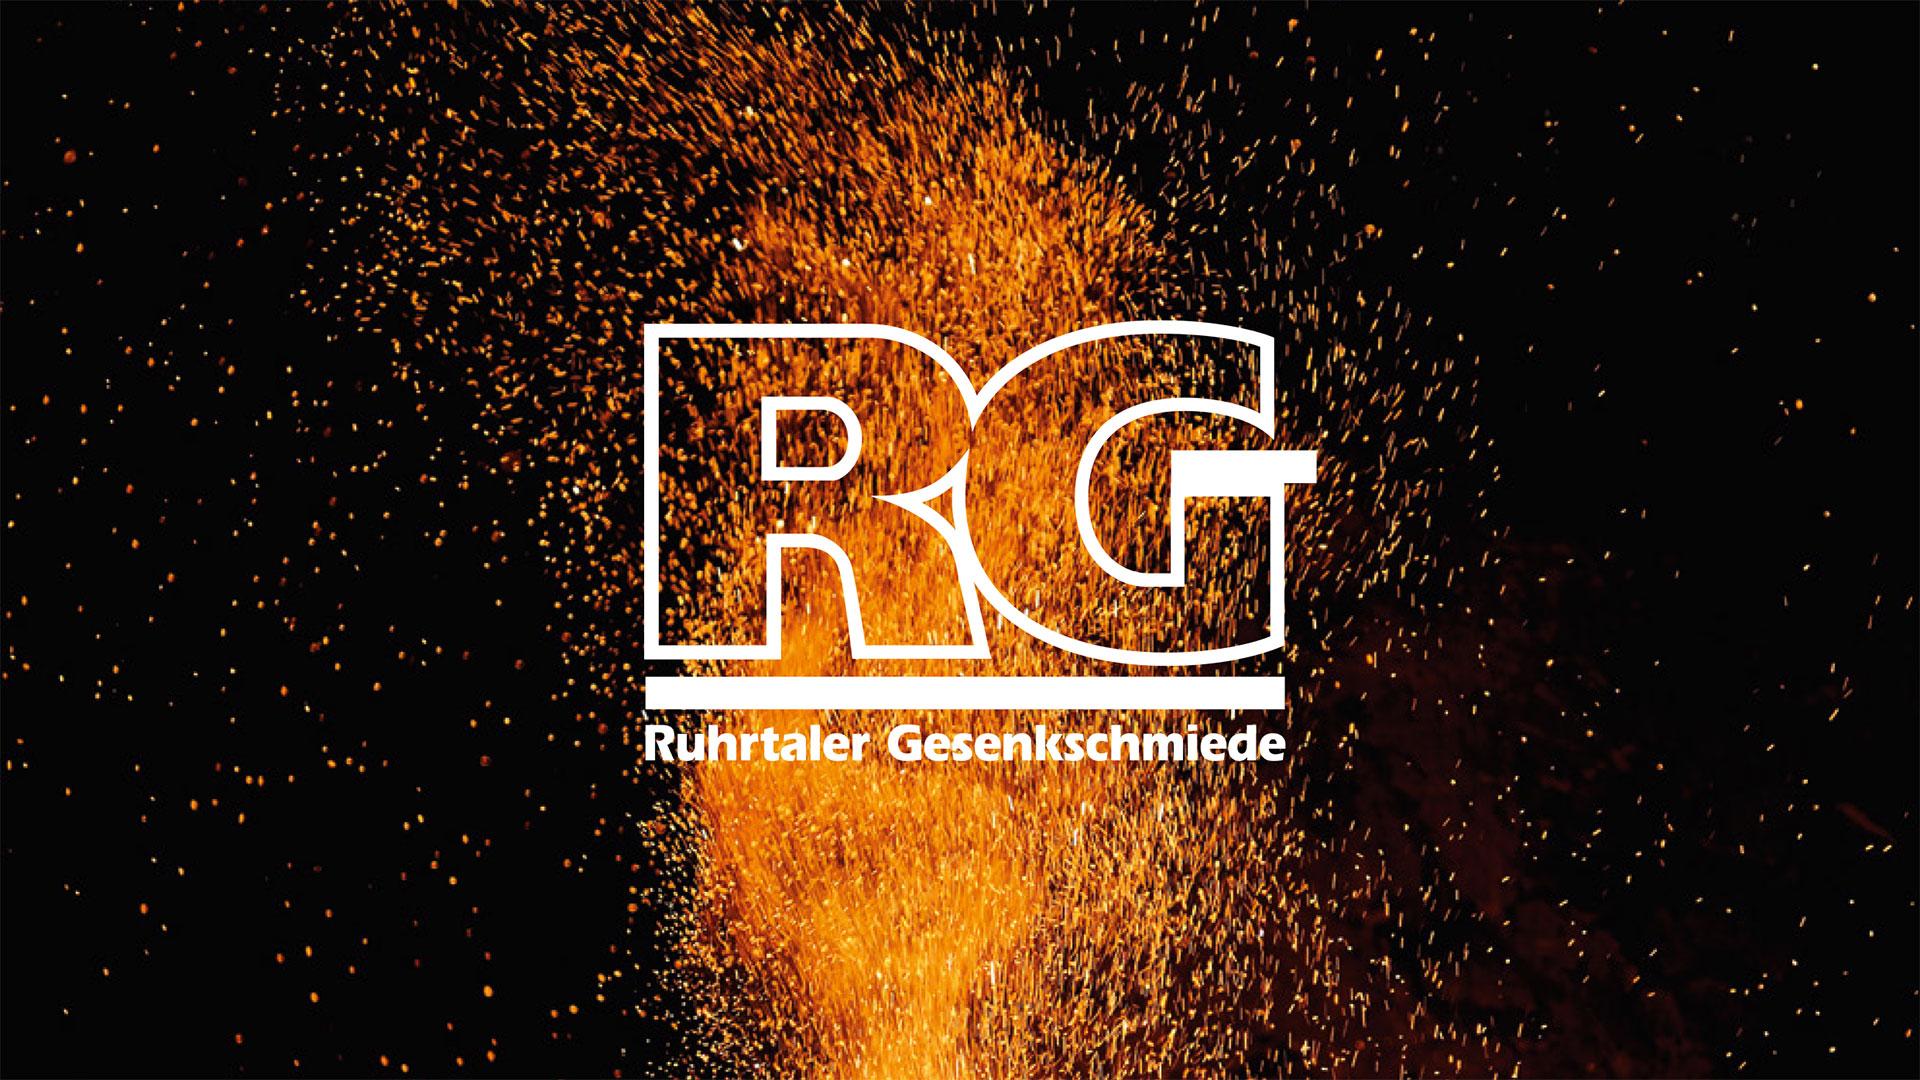 Ruhrtaler Gesenkschmiede Imagebroschüre